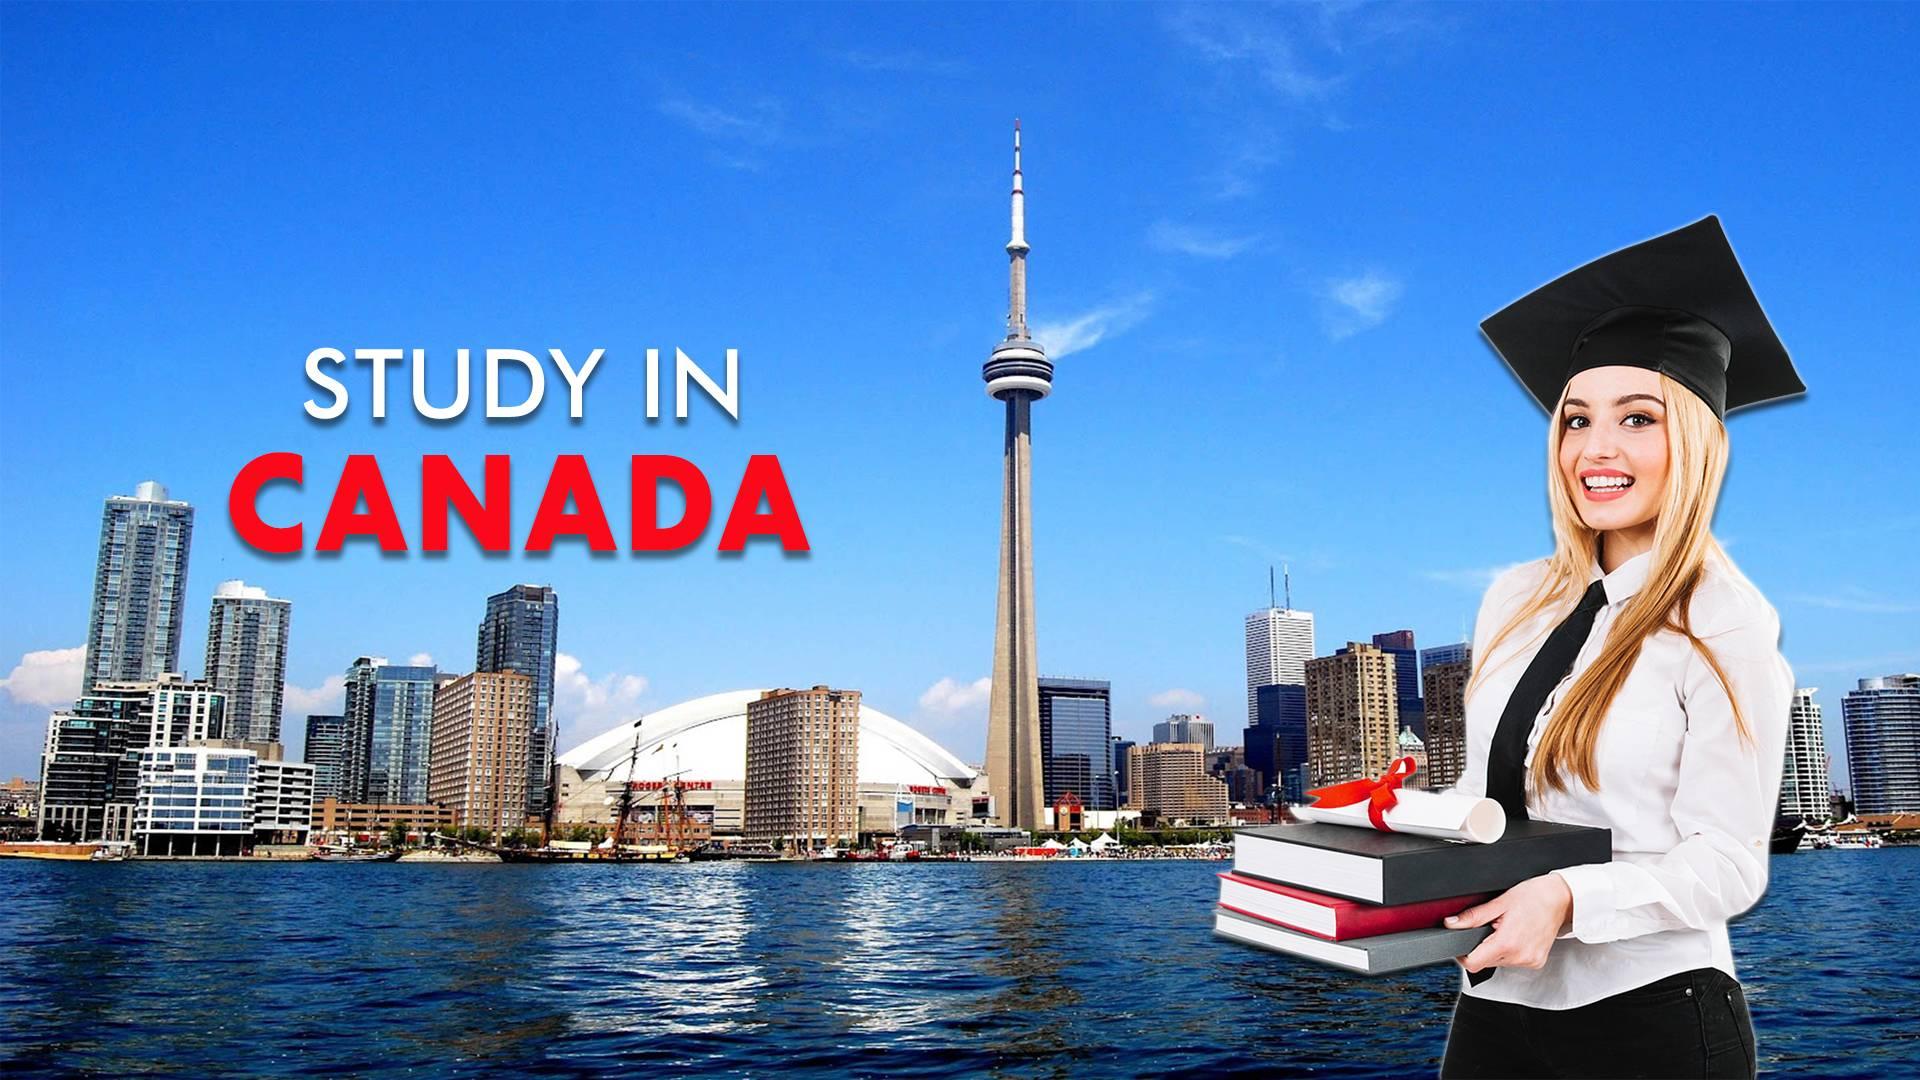 Study, work and stay in canada — ответы на вопросы по материалам государственного сайта канады | образование в канаде, курсы английского, колледж, университет, стажировки, последипломное обучение